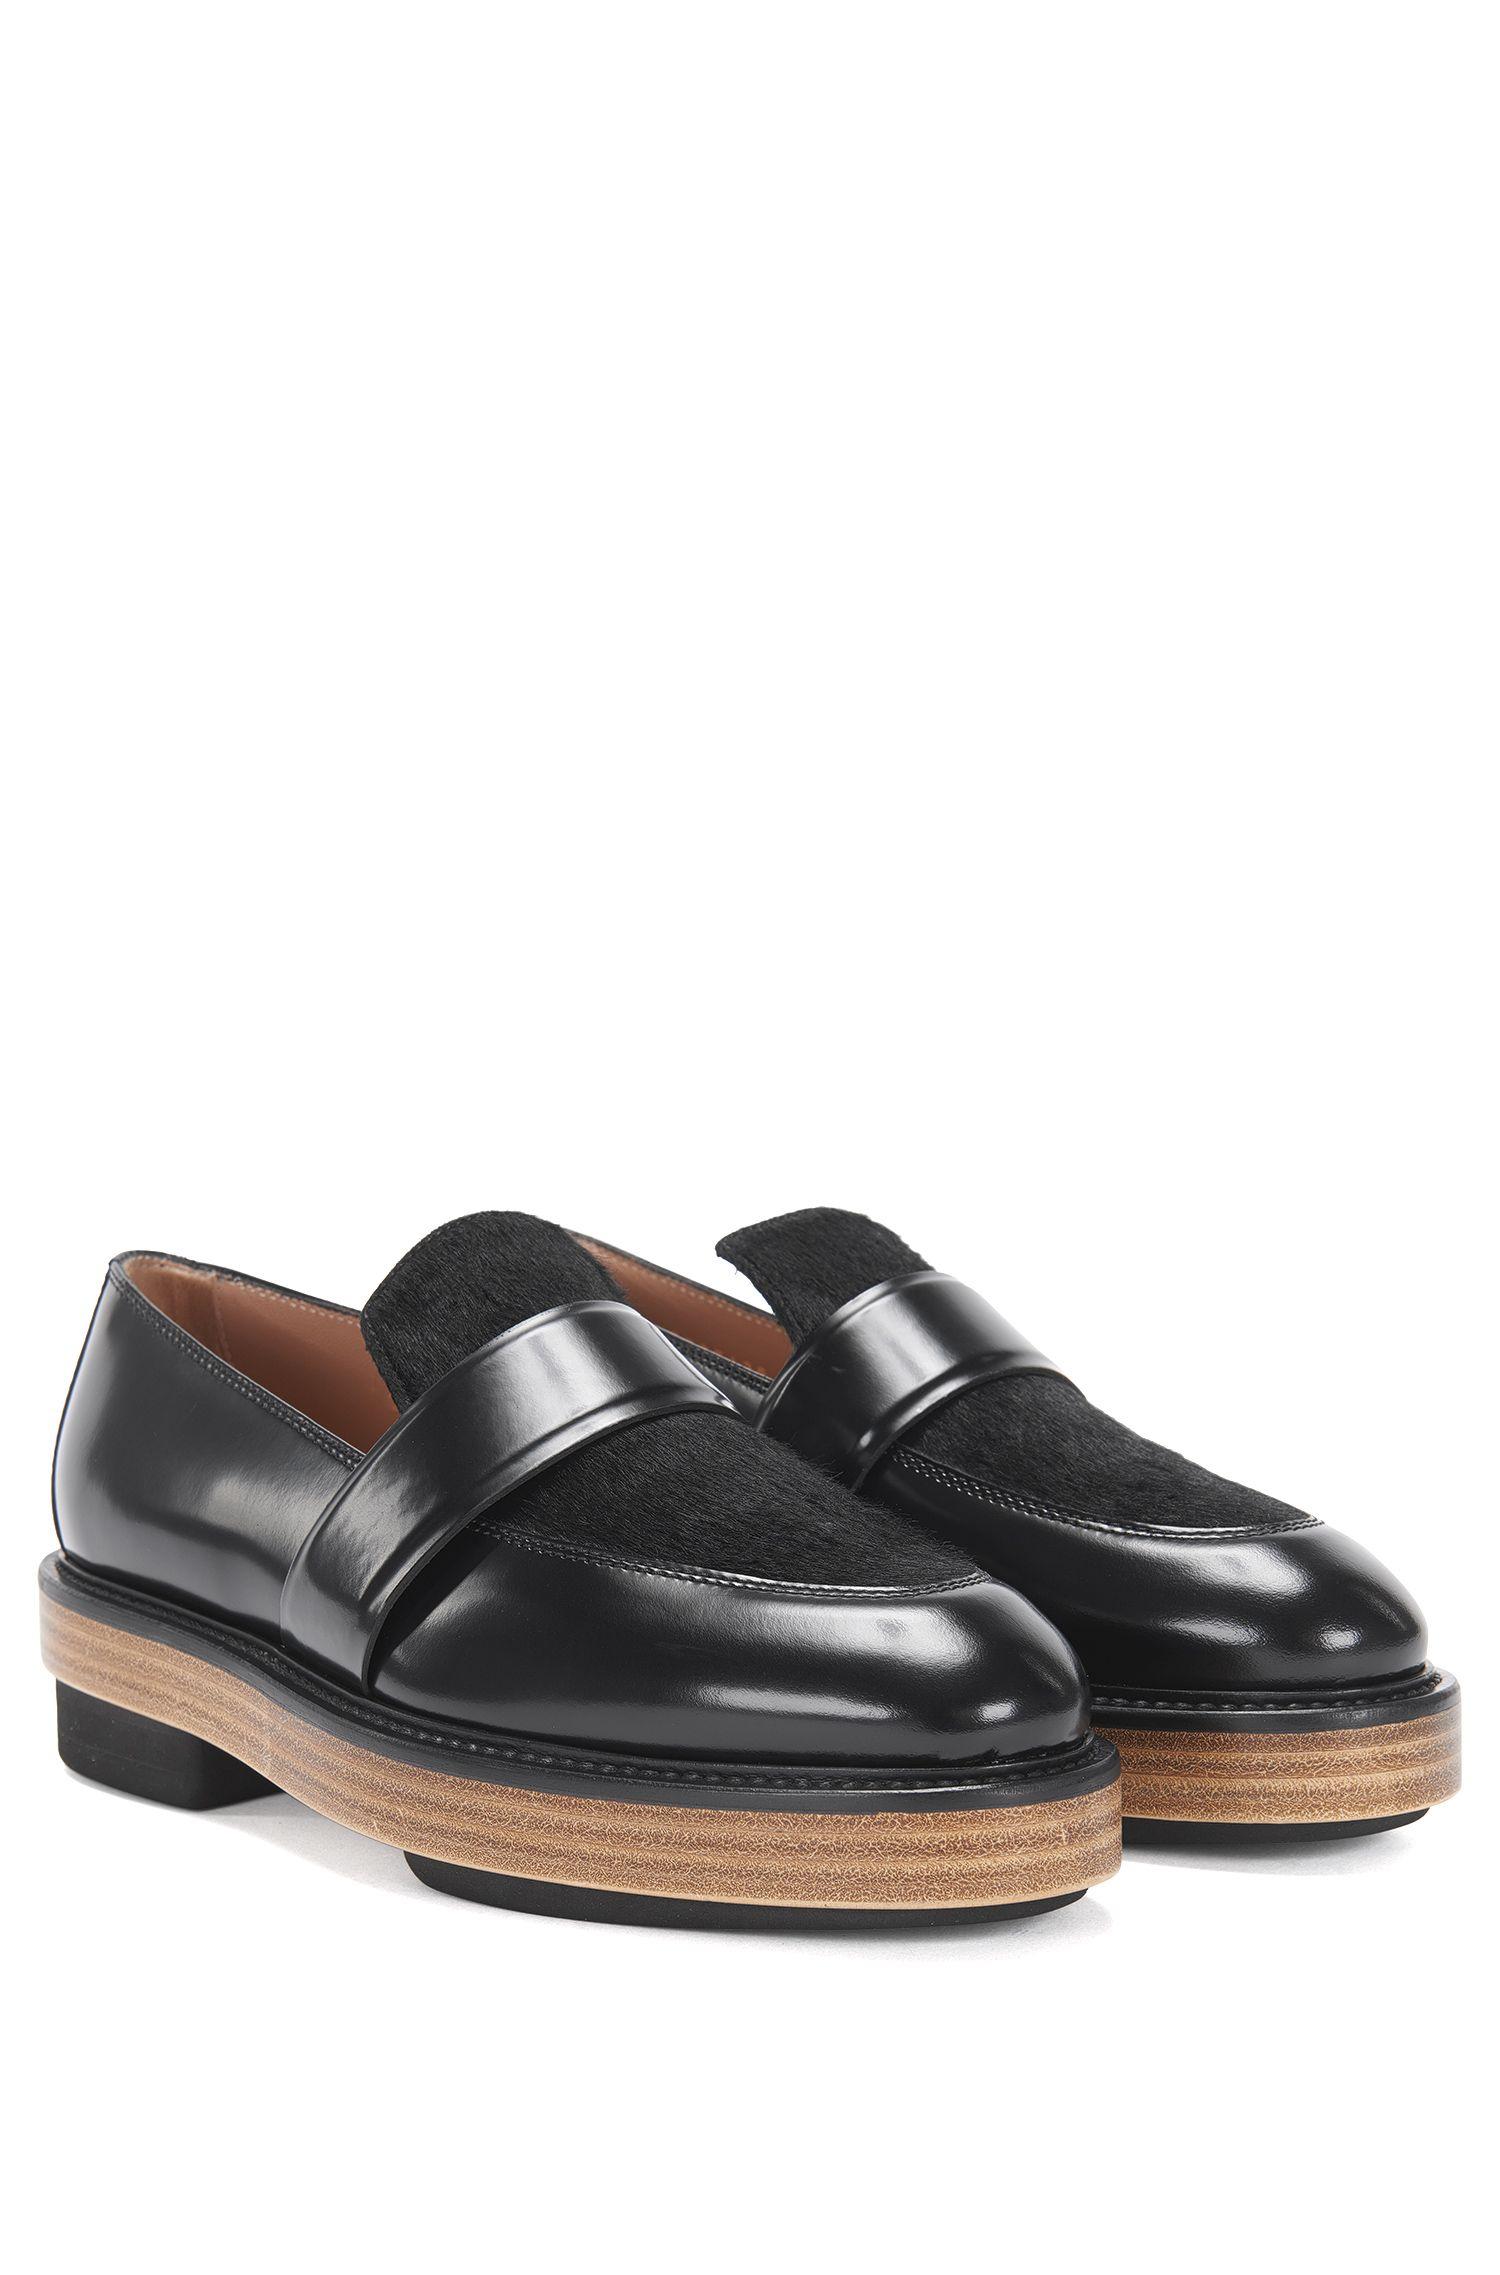 'Loafer Platform' | Italian Calfskin Platform Loafers